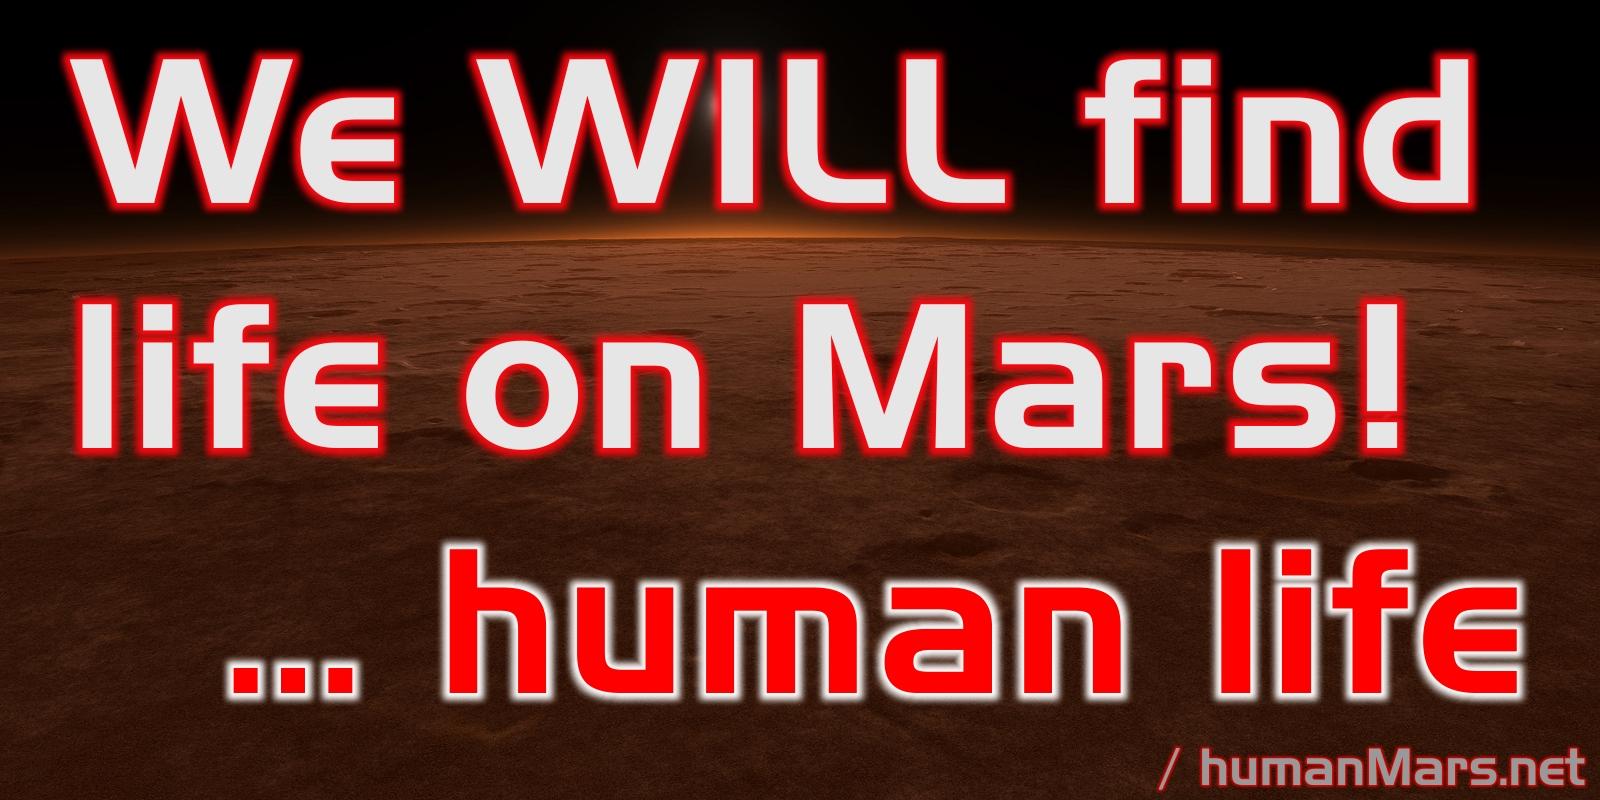 human life on Mars